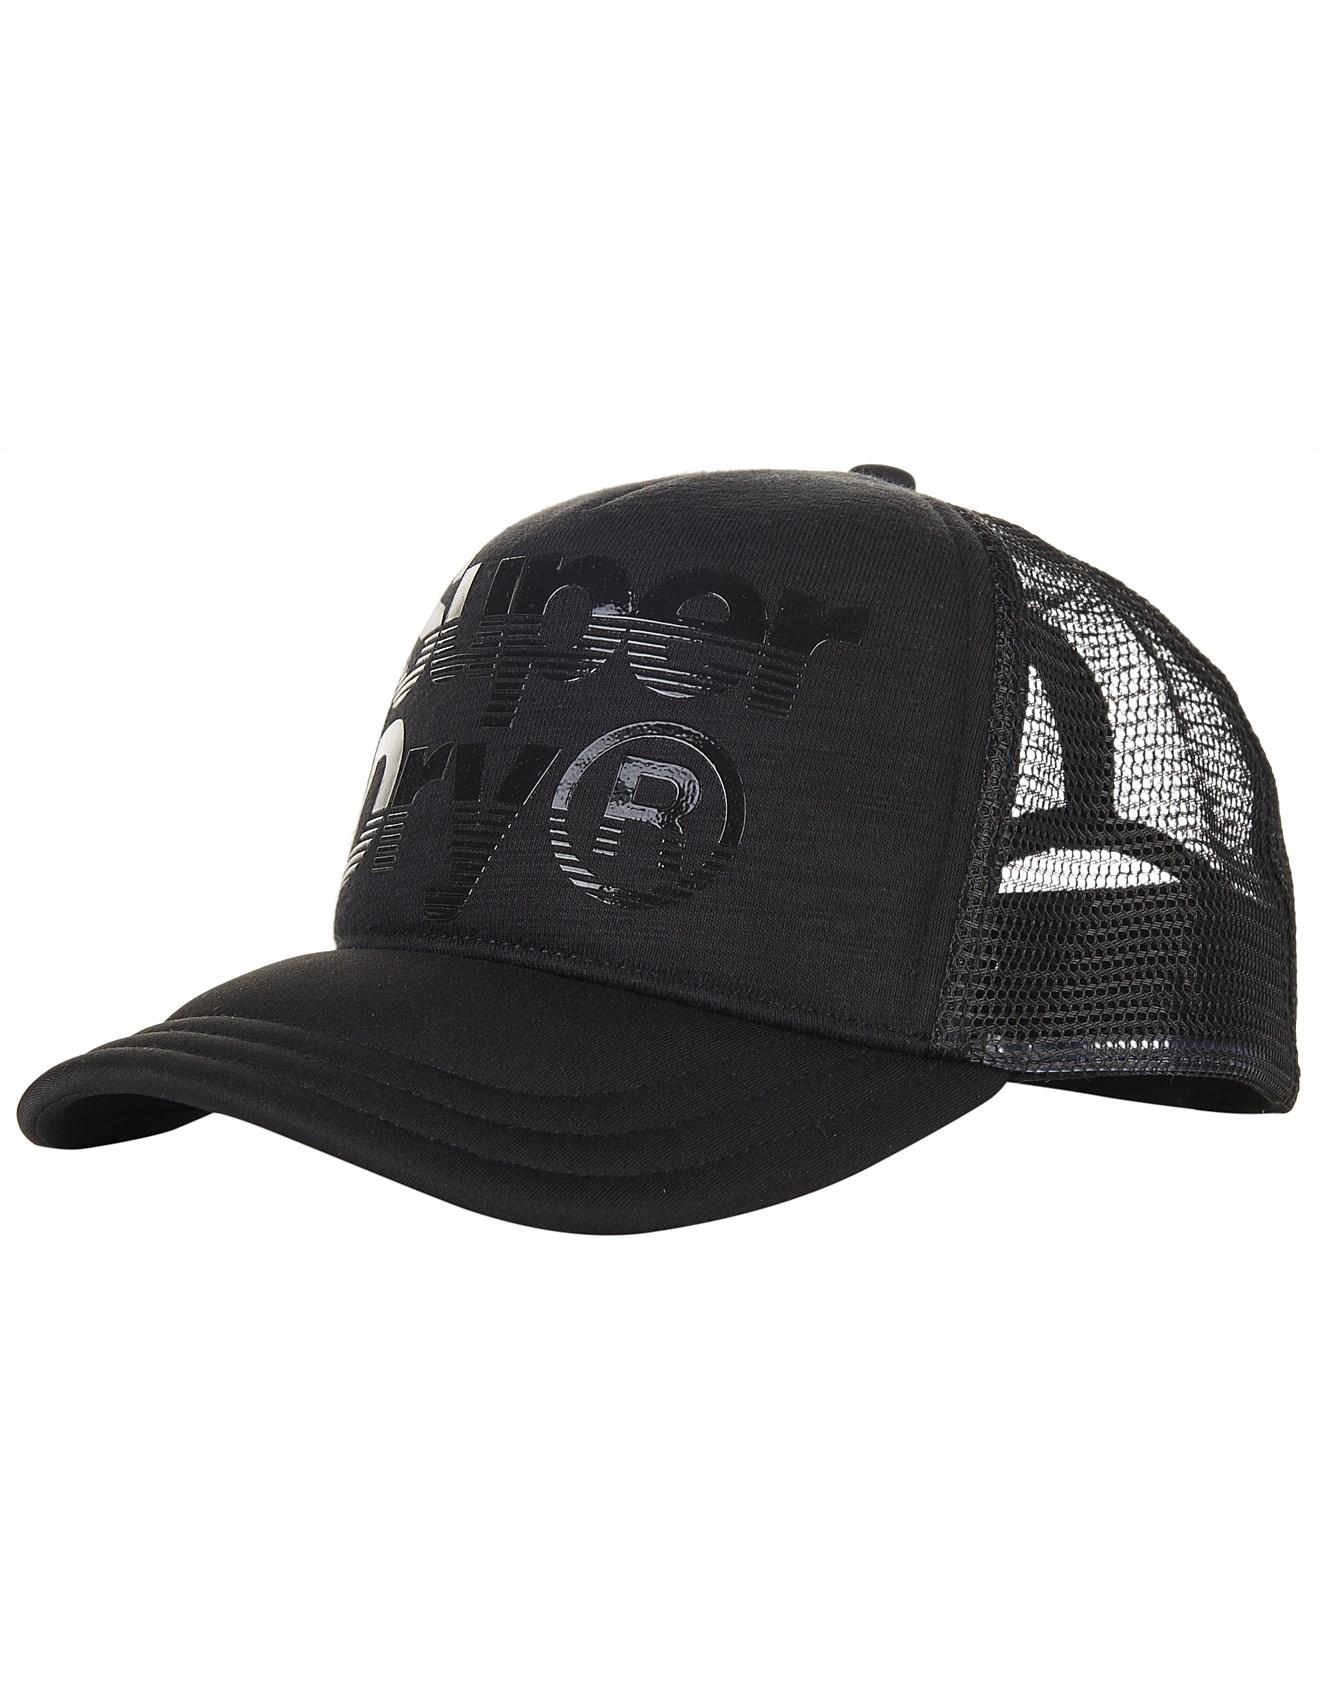 512156acda700 LINEMAN CAP